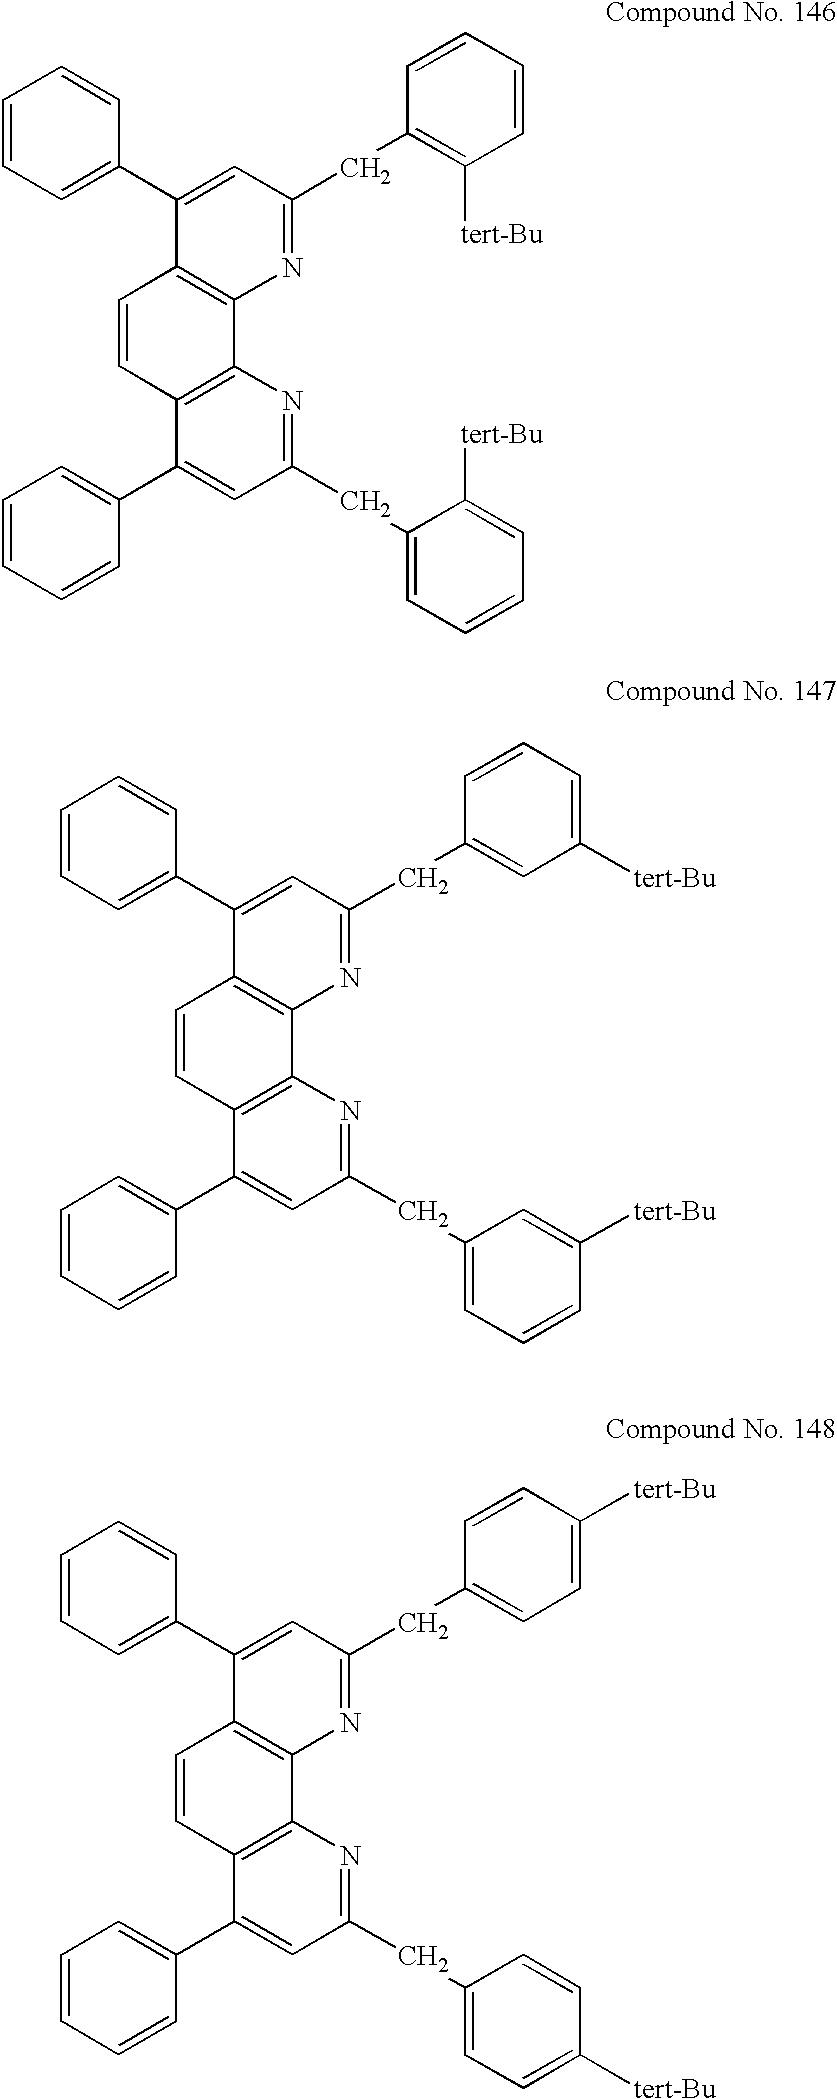 Figure US06524728-20030225-C00045